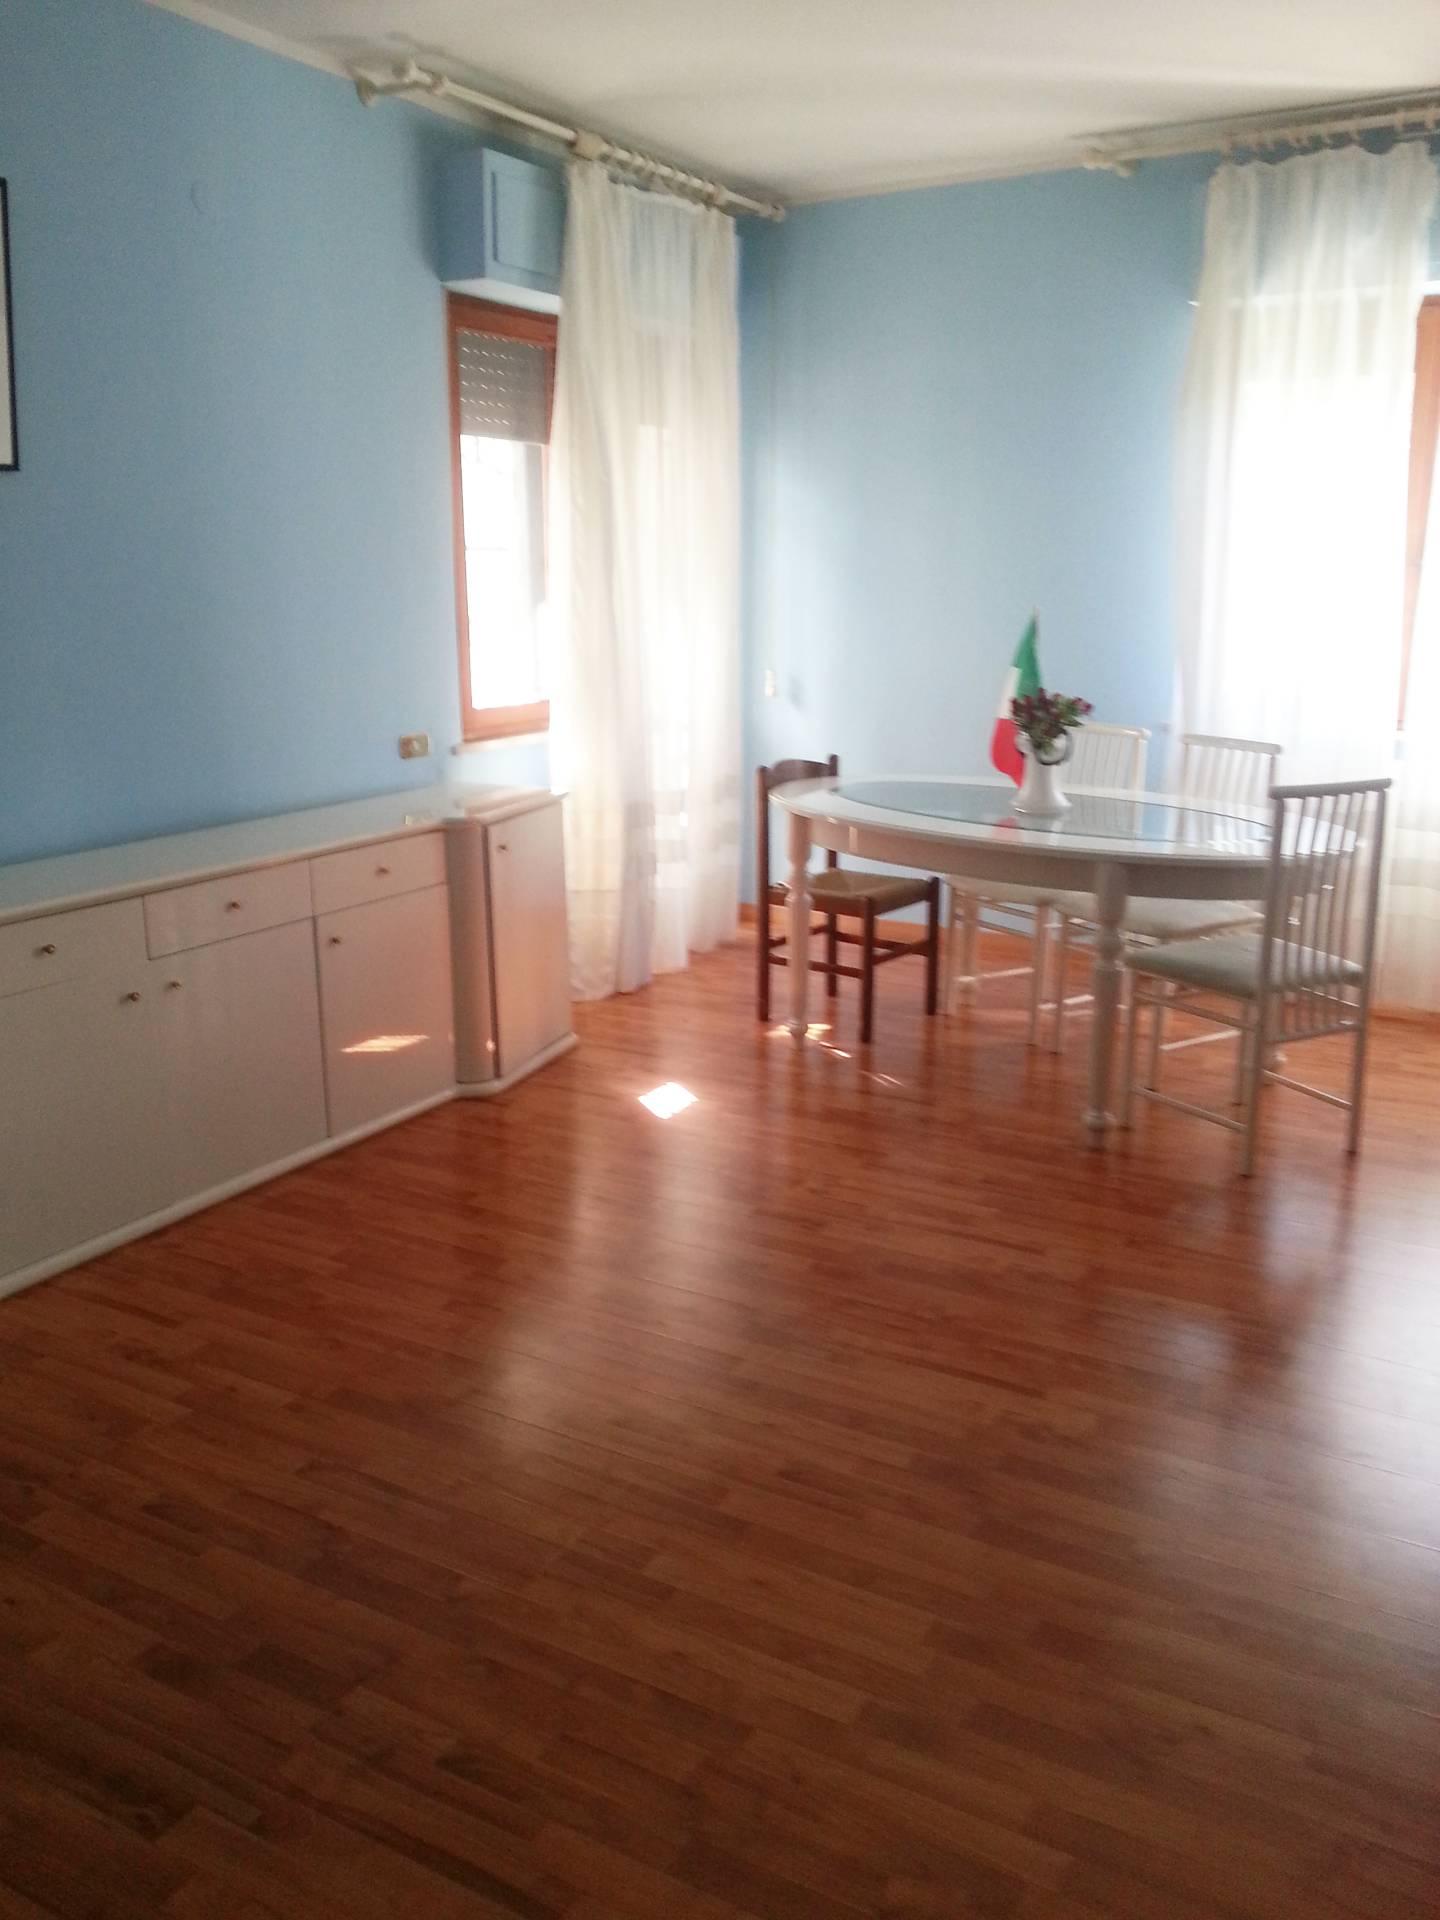 Appartamento in affitto a Teramo, 5 locali, prezzo € 160 | CambioCasa.it